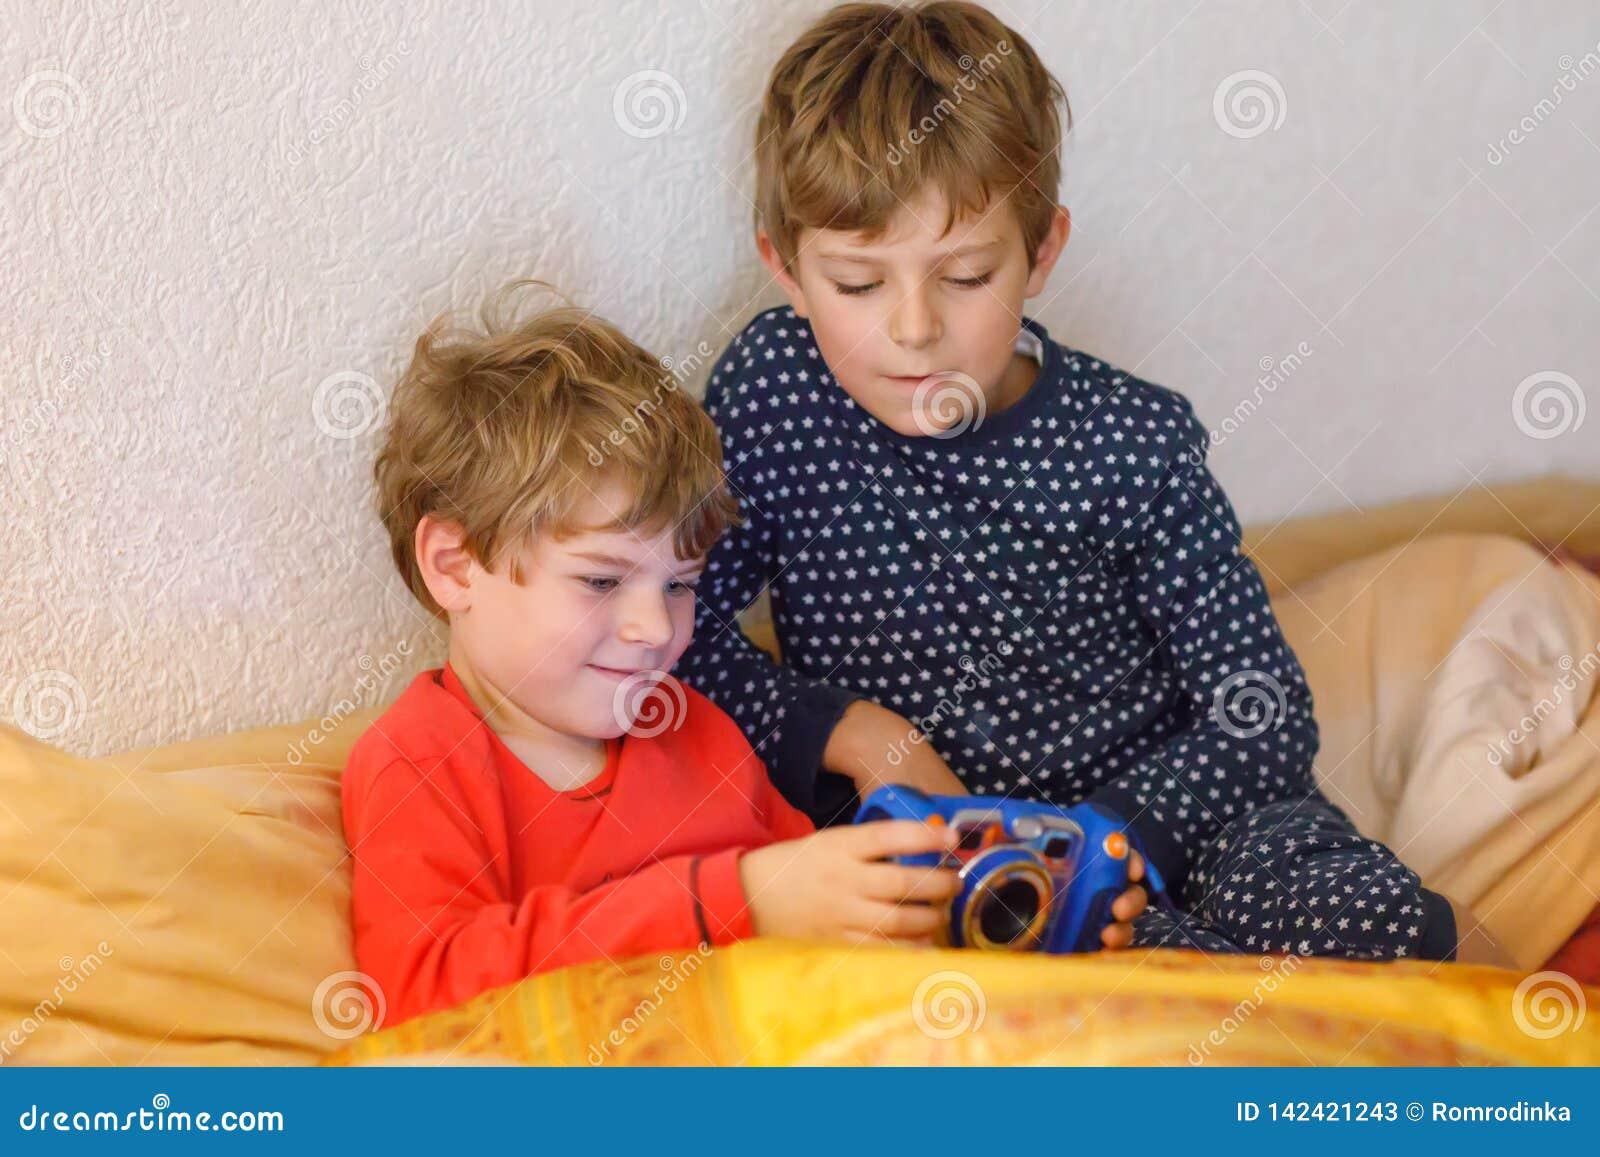 Dwa preschool, szkolne dzieciak chłopiec, rodzeństwa lub bracia ma zabawę po dnia powszedniego bawić się gra wideo w domu, i